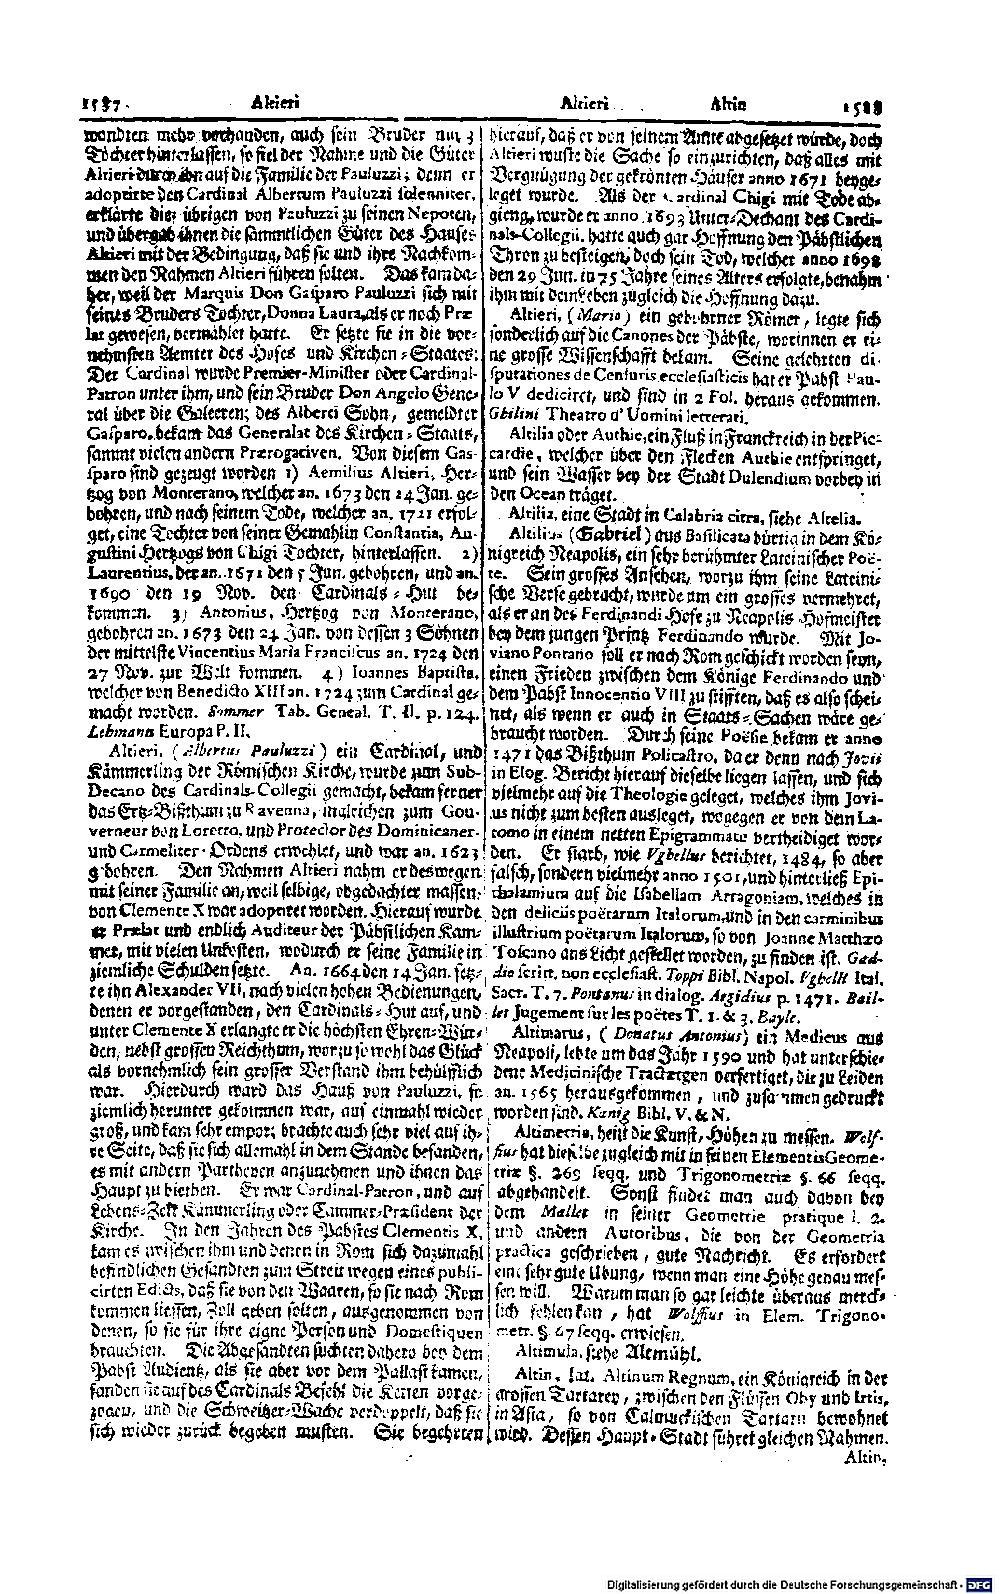 Bd. 01, Seite 0785.